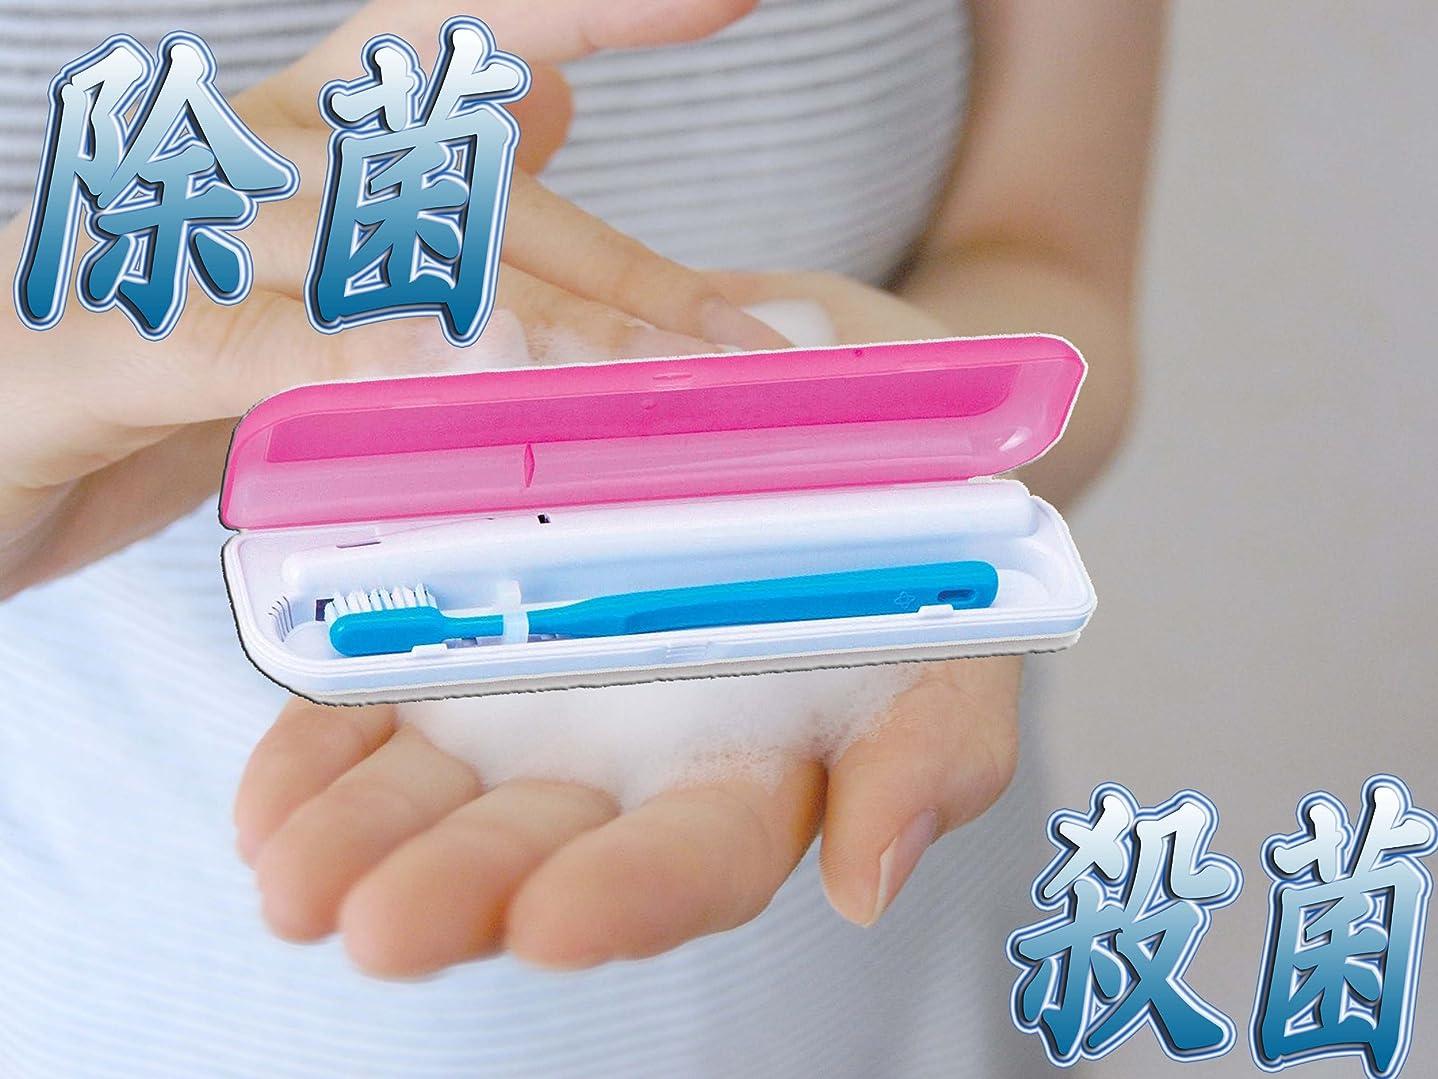 スツール配当湿った歯ブラシの隅々まで殺菌&除菌!! 除菌歯ブラシ 携帯ケース 電池式 15408